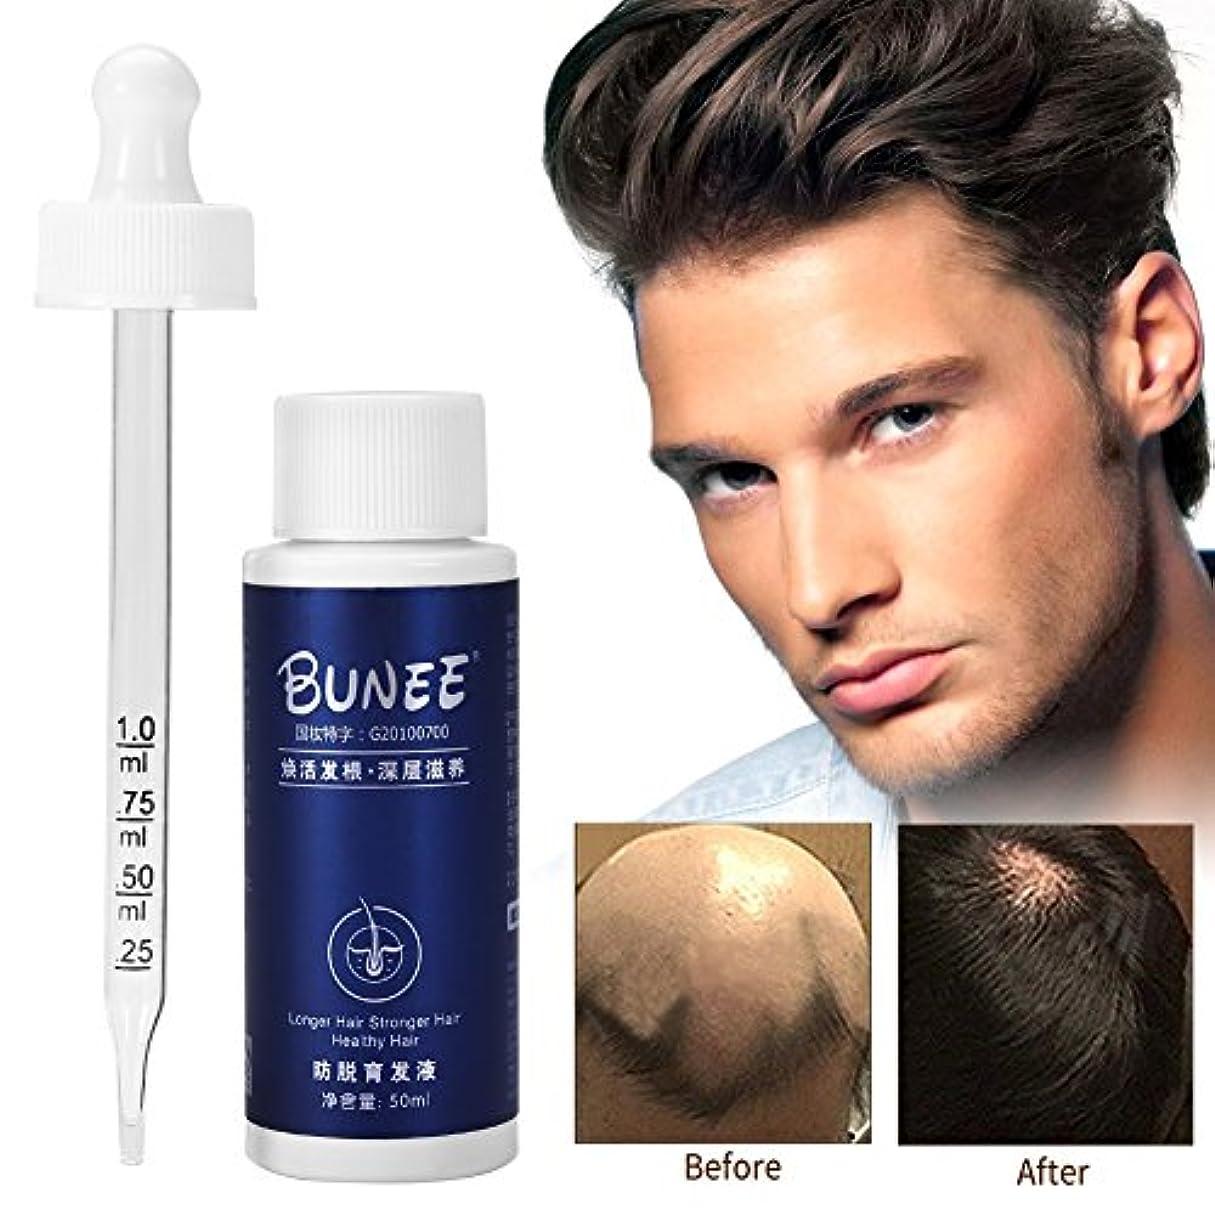 雑多な受粉者刈り取る育毛オイル、液体育毛剤増粘剤天然植物エキス血清、高速発毛製品エッセンスが発毛を促進し、脱毛を防ぎ、薄毛、はげ